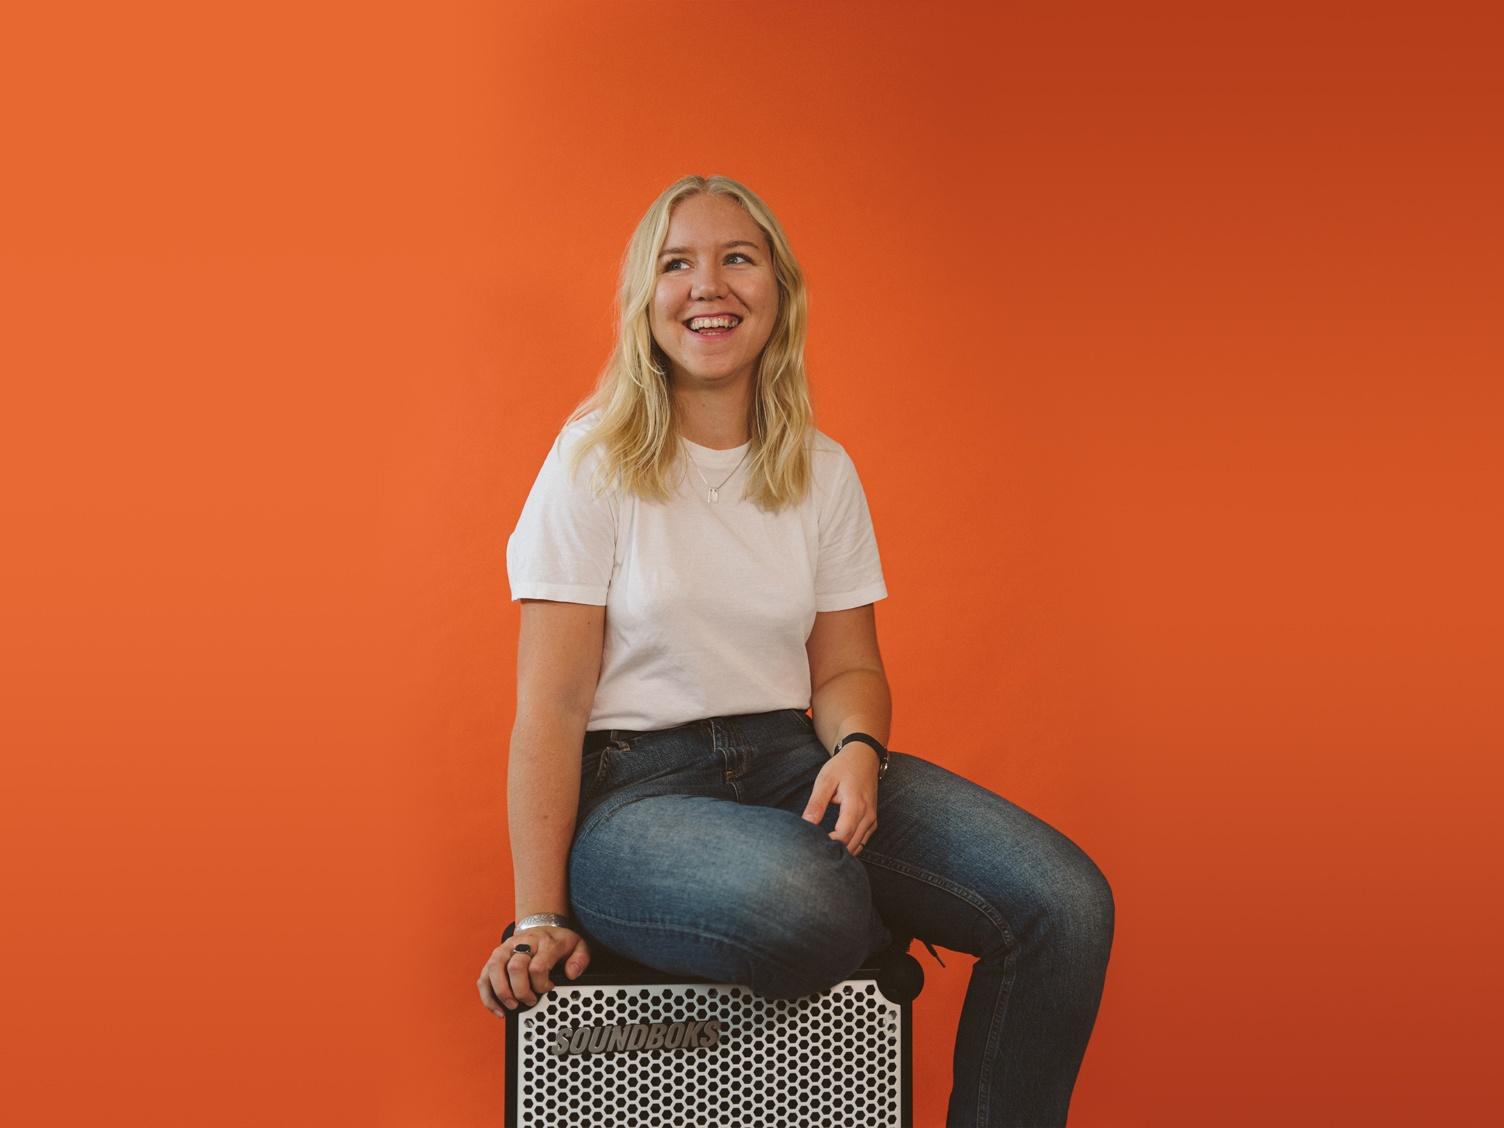 Gesche, blonde girl sitting on a white SOUNDBOKS